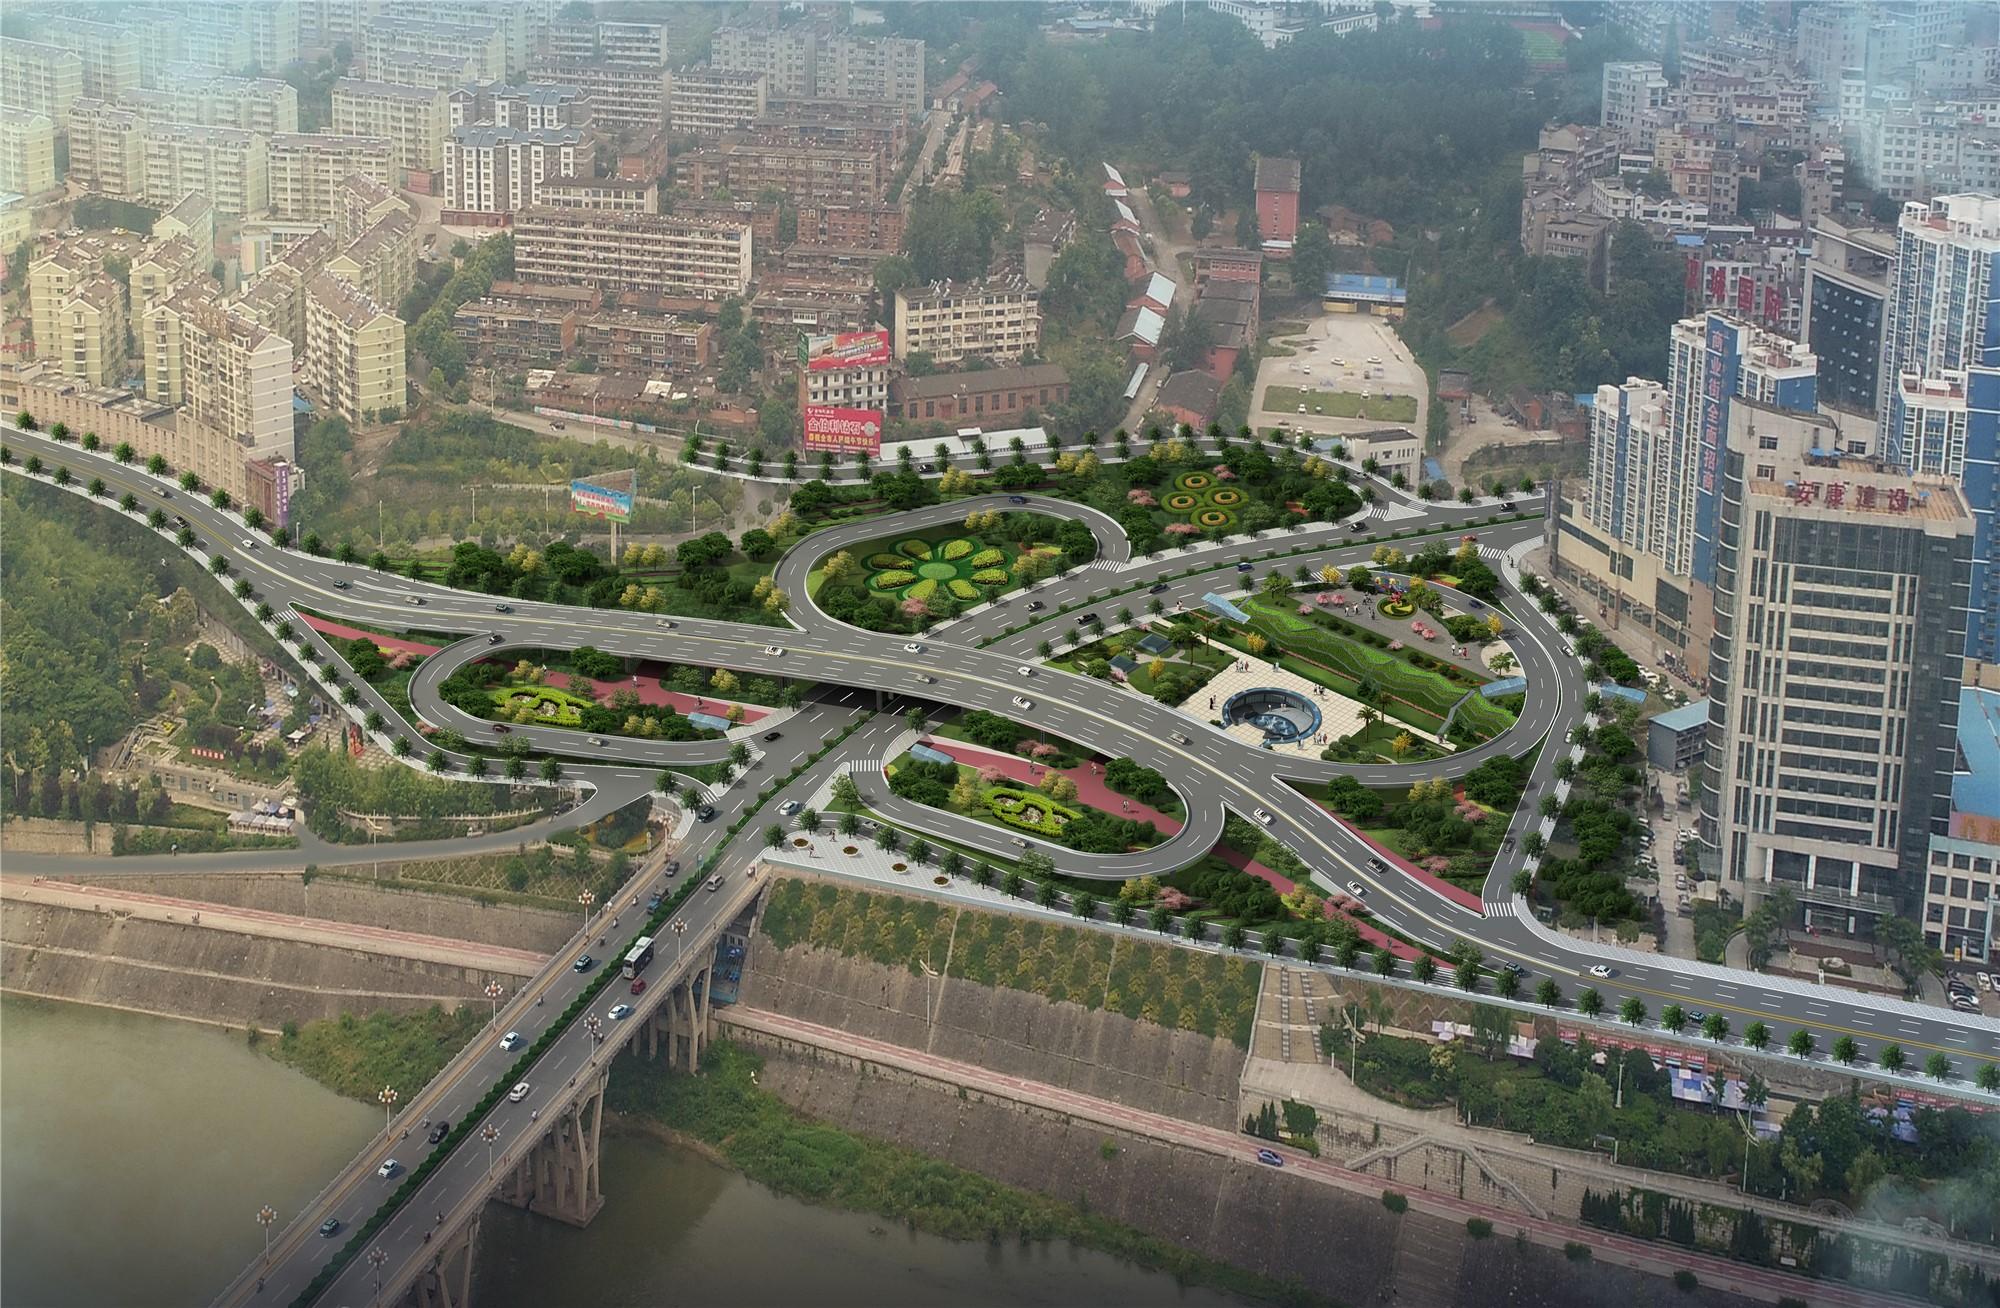 【市政工程】经典项目:安康市江北桥头交通组织改造立交工程